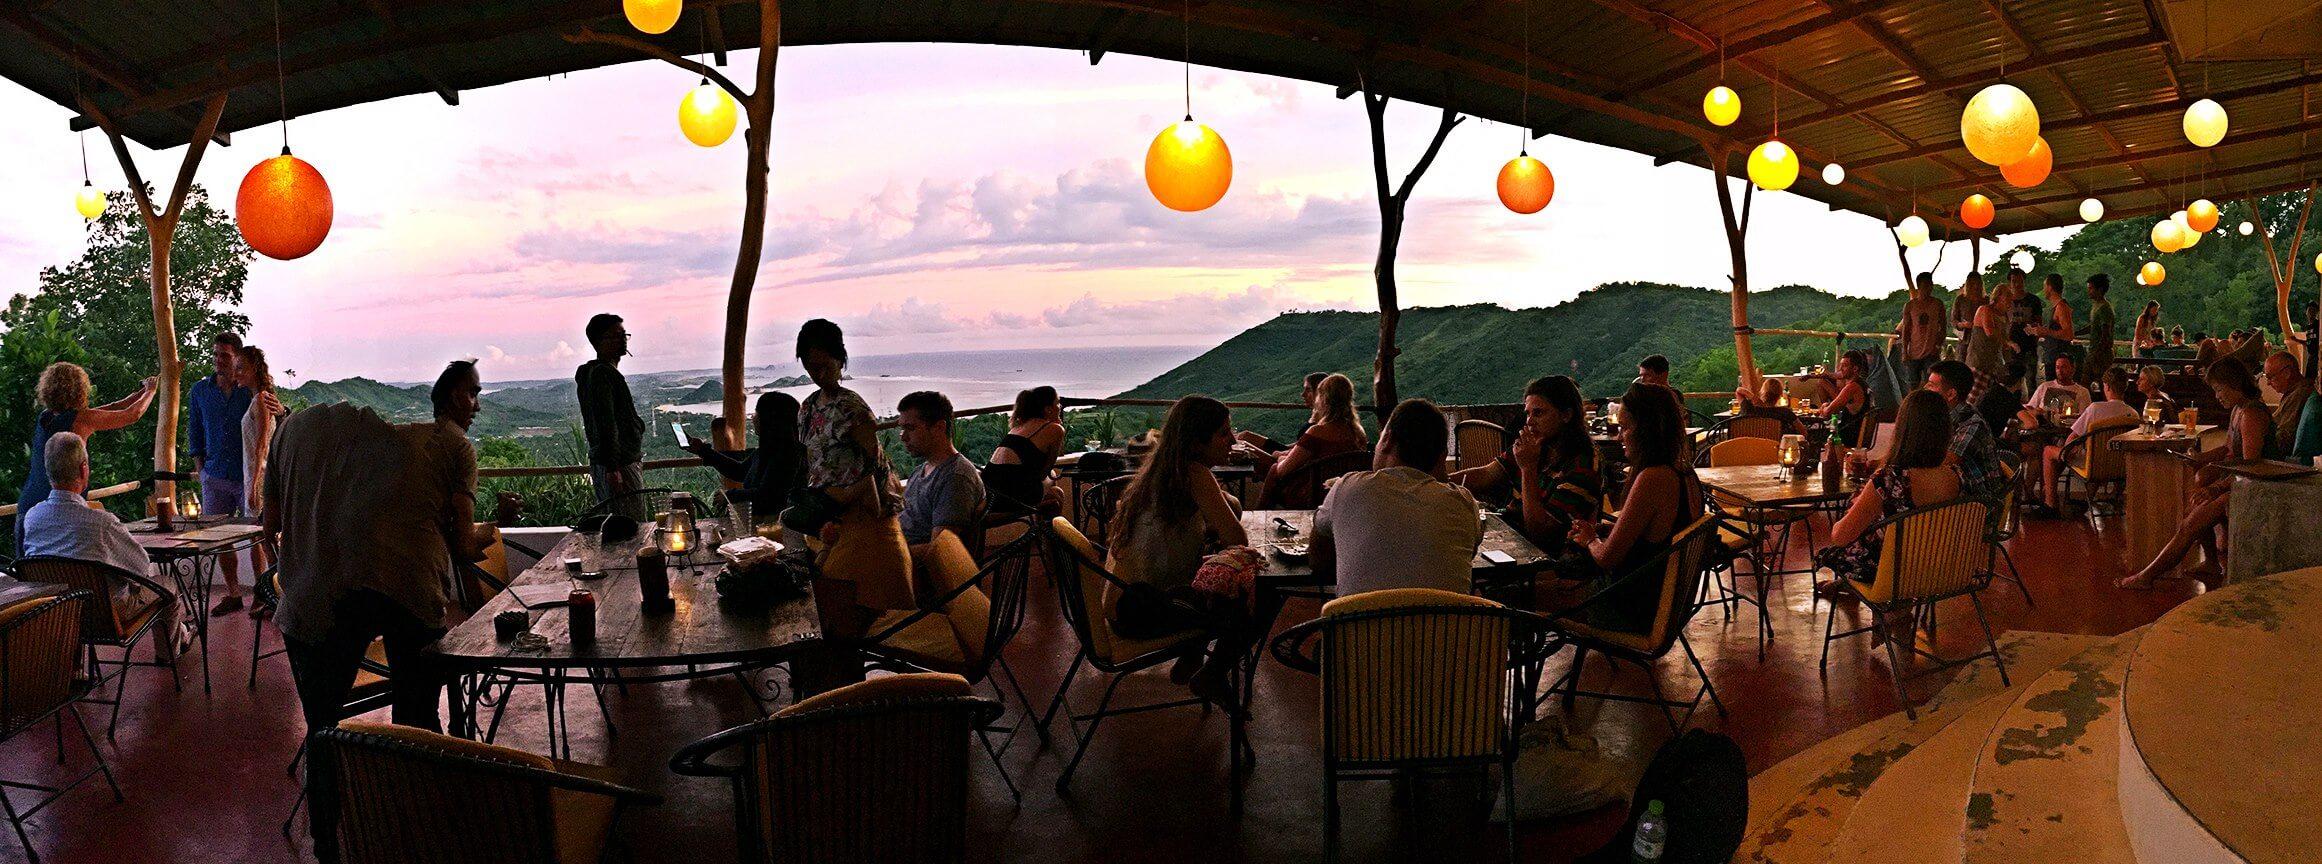 Ashtari Lounge & Kitchen